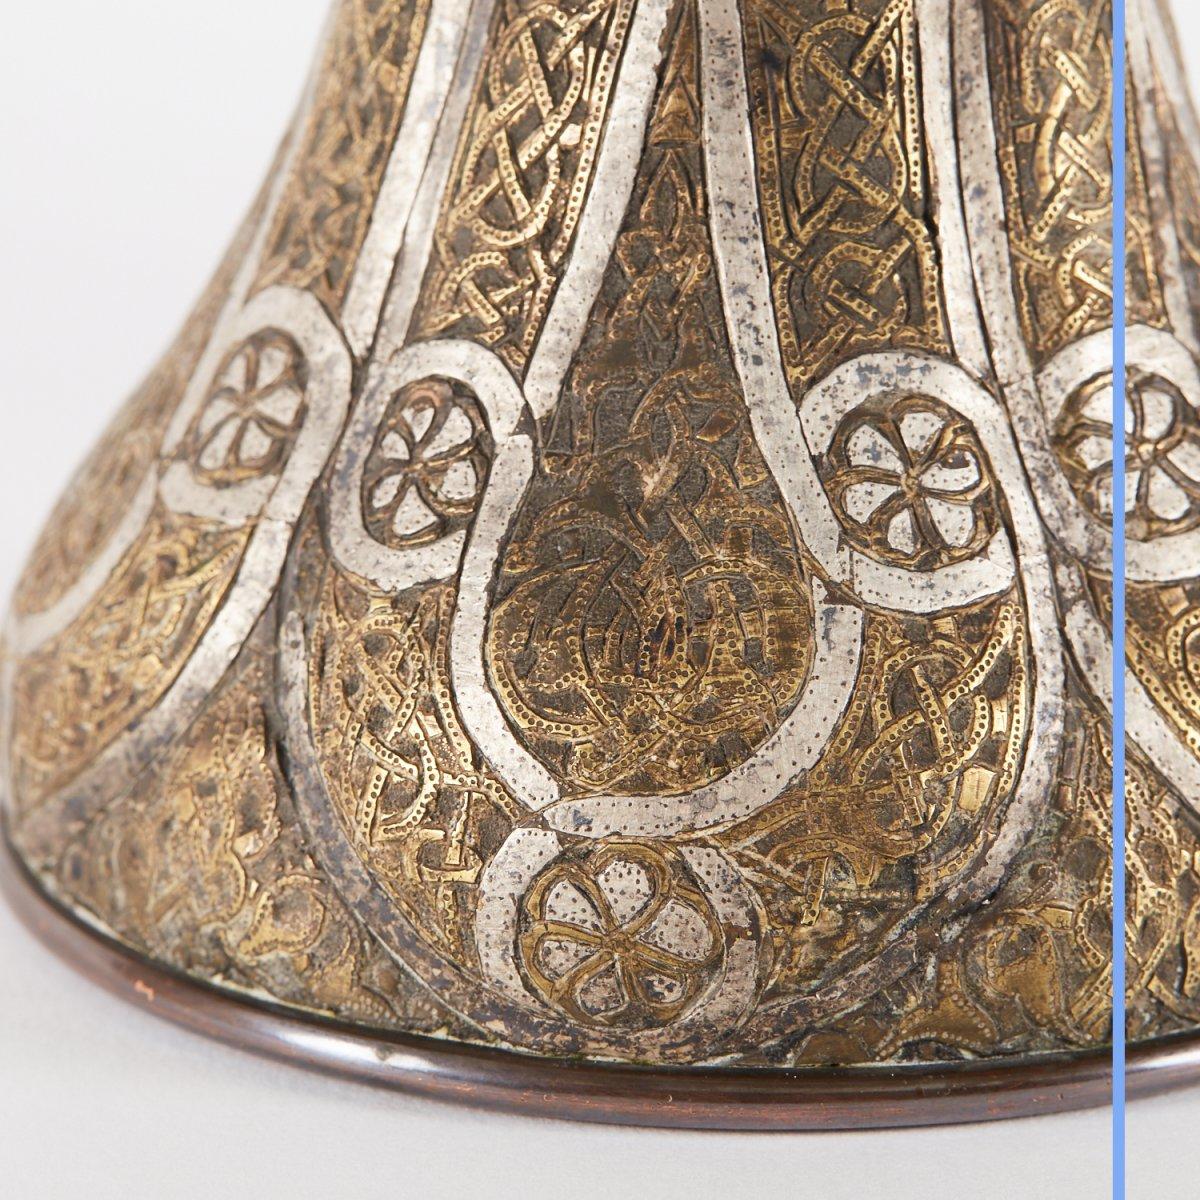 Paire de vases en métal argenté et doré gravé, Syrie, XIXe-photo-6